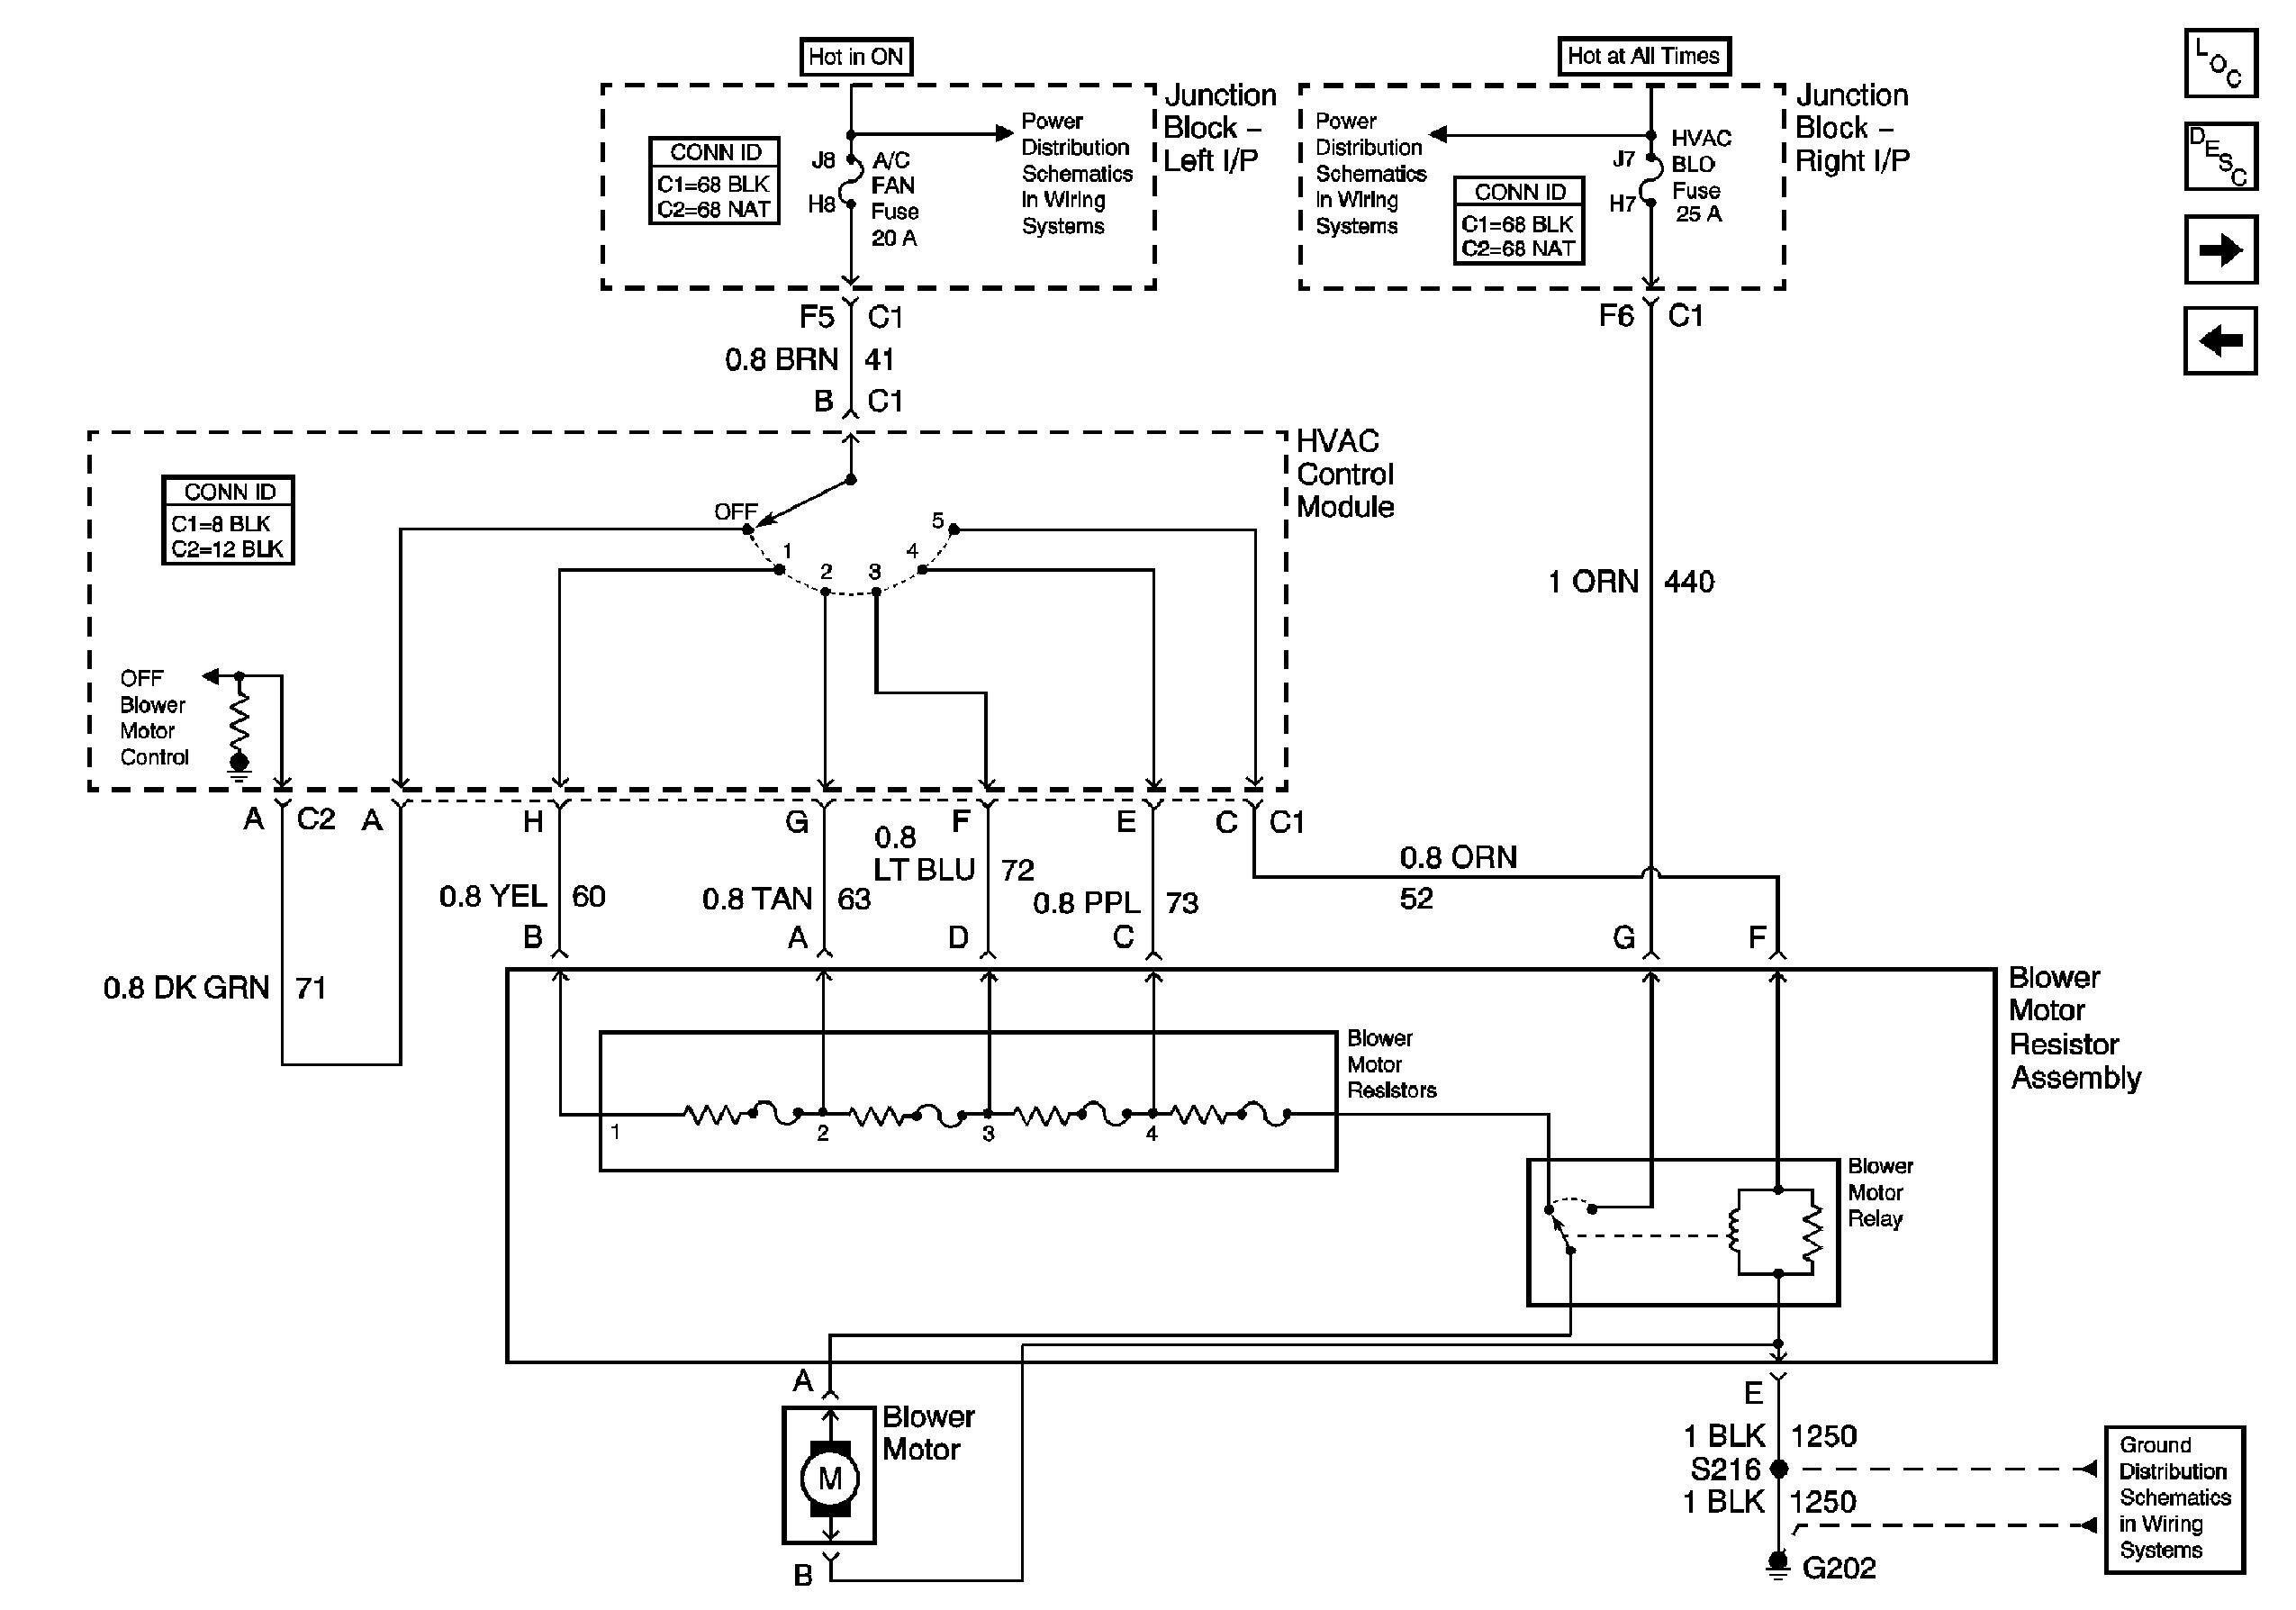 Unique Auto Electrical Diagram Diagram Wiringdiagram Diagramming Diagramm Visuals Visualisation Graphi Electrical Diagram Diagram Trailer Wiring Diagram